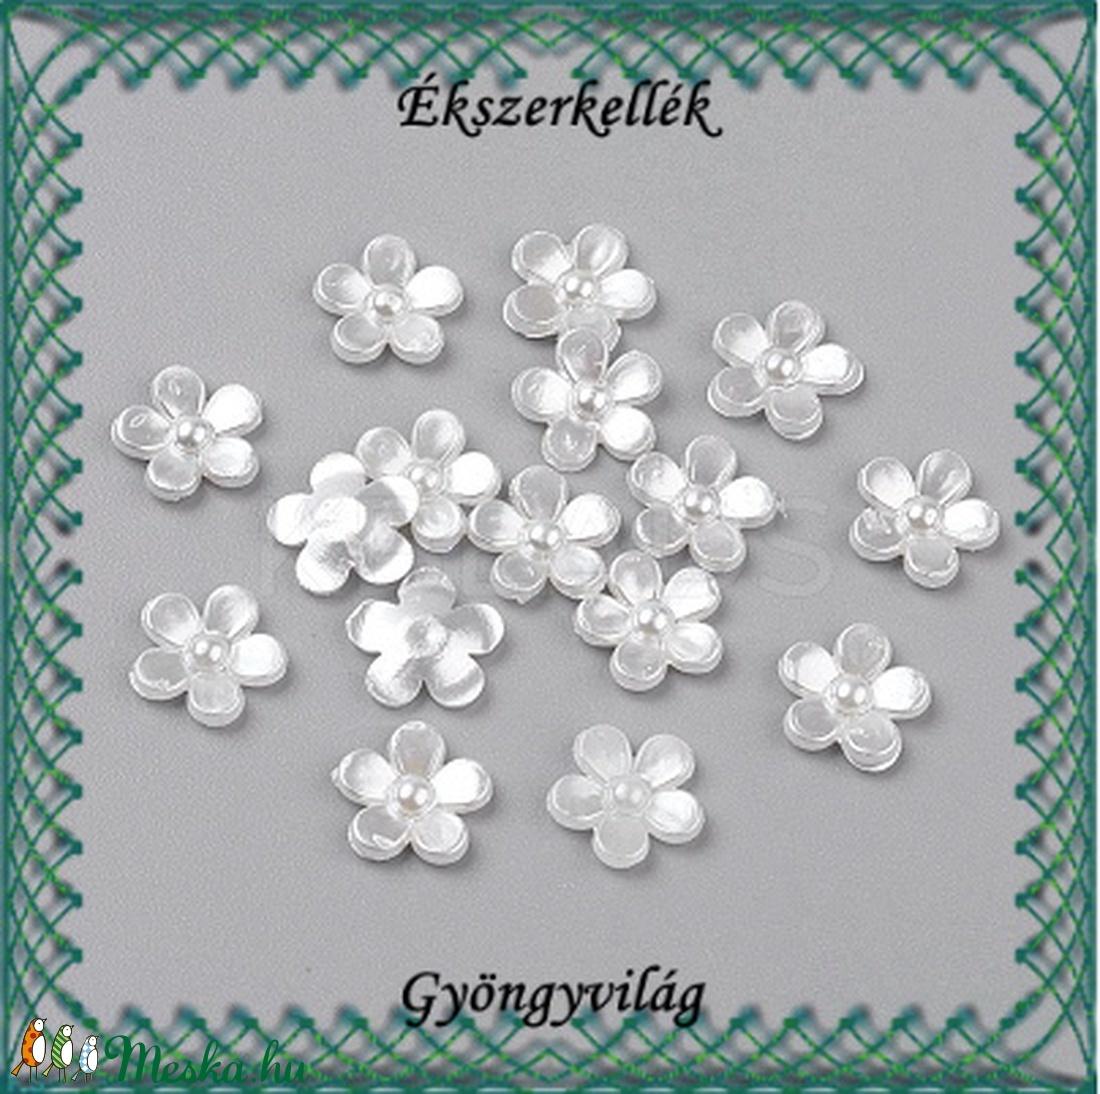 Ékszerkellék: akril virág GYA-TV02 25db - gyöngy, ékszerkellék - üveggyöngy - Meska.hu